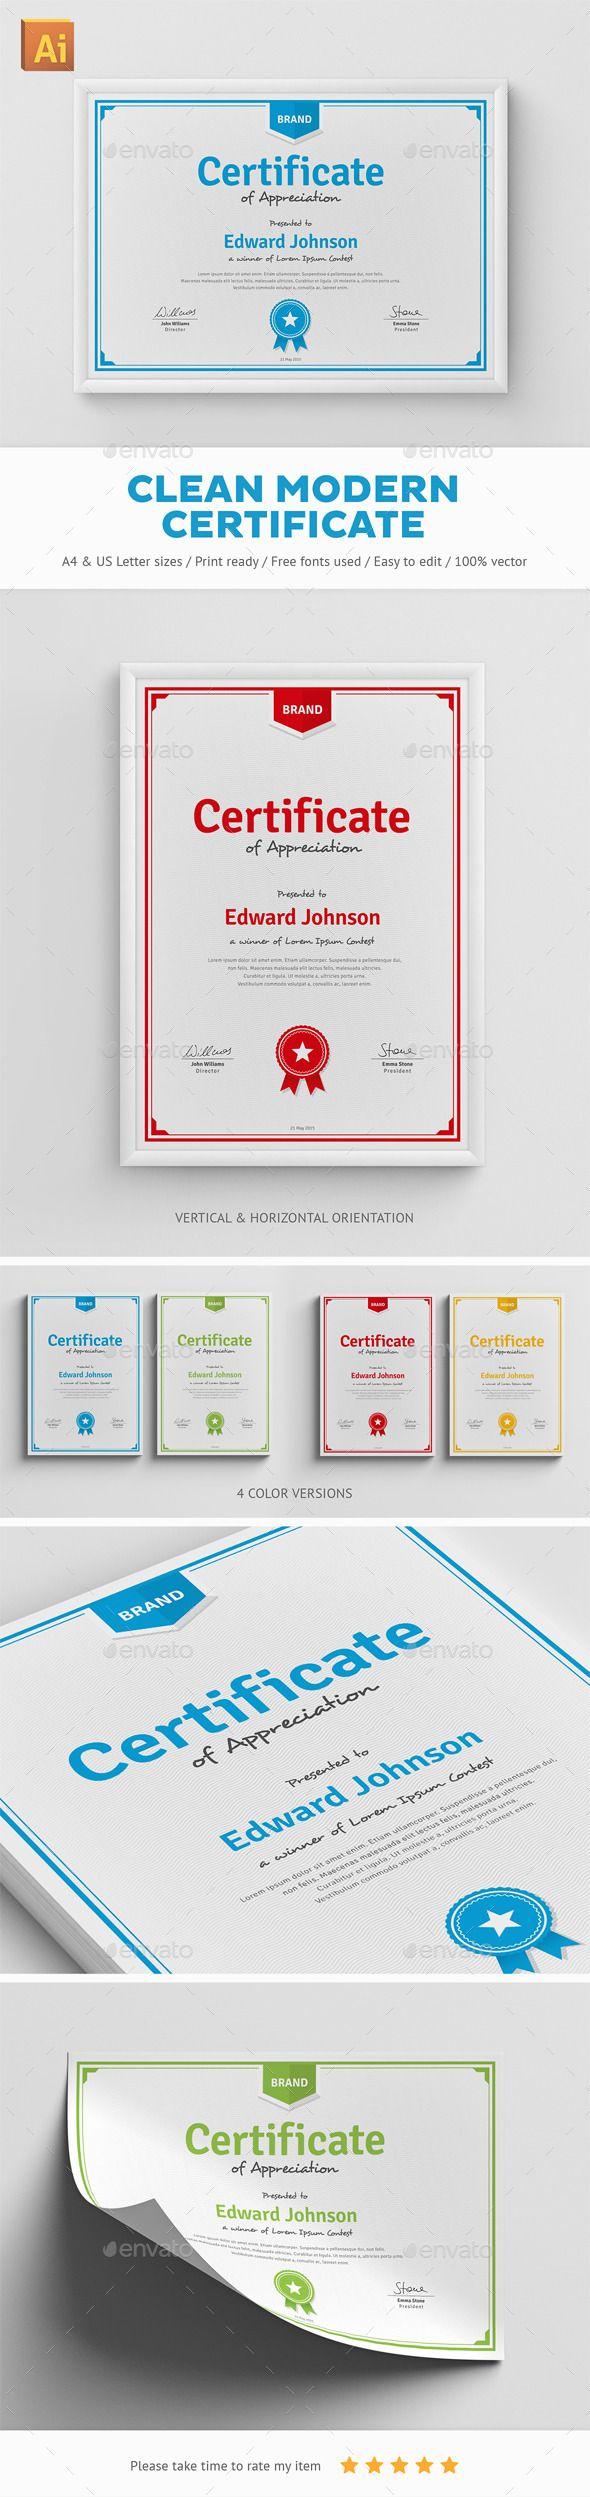 Clean Modern Certificate | Urkunde, Urkunden und Vorlagen